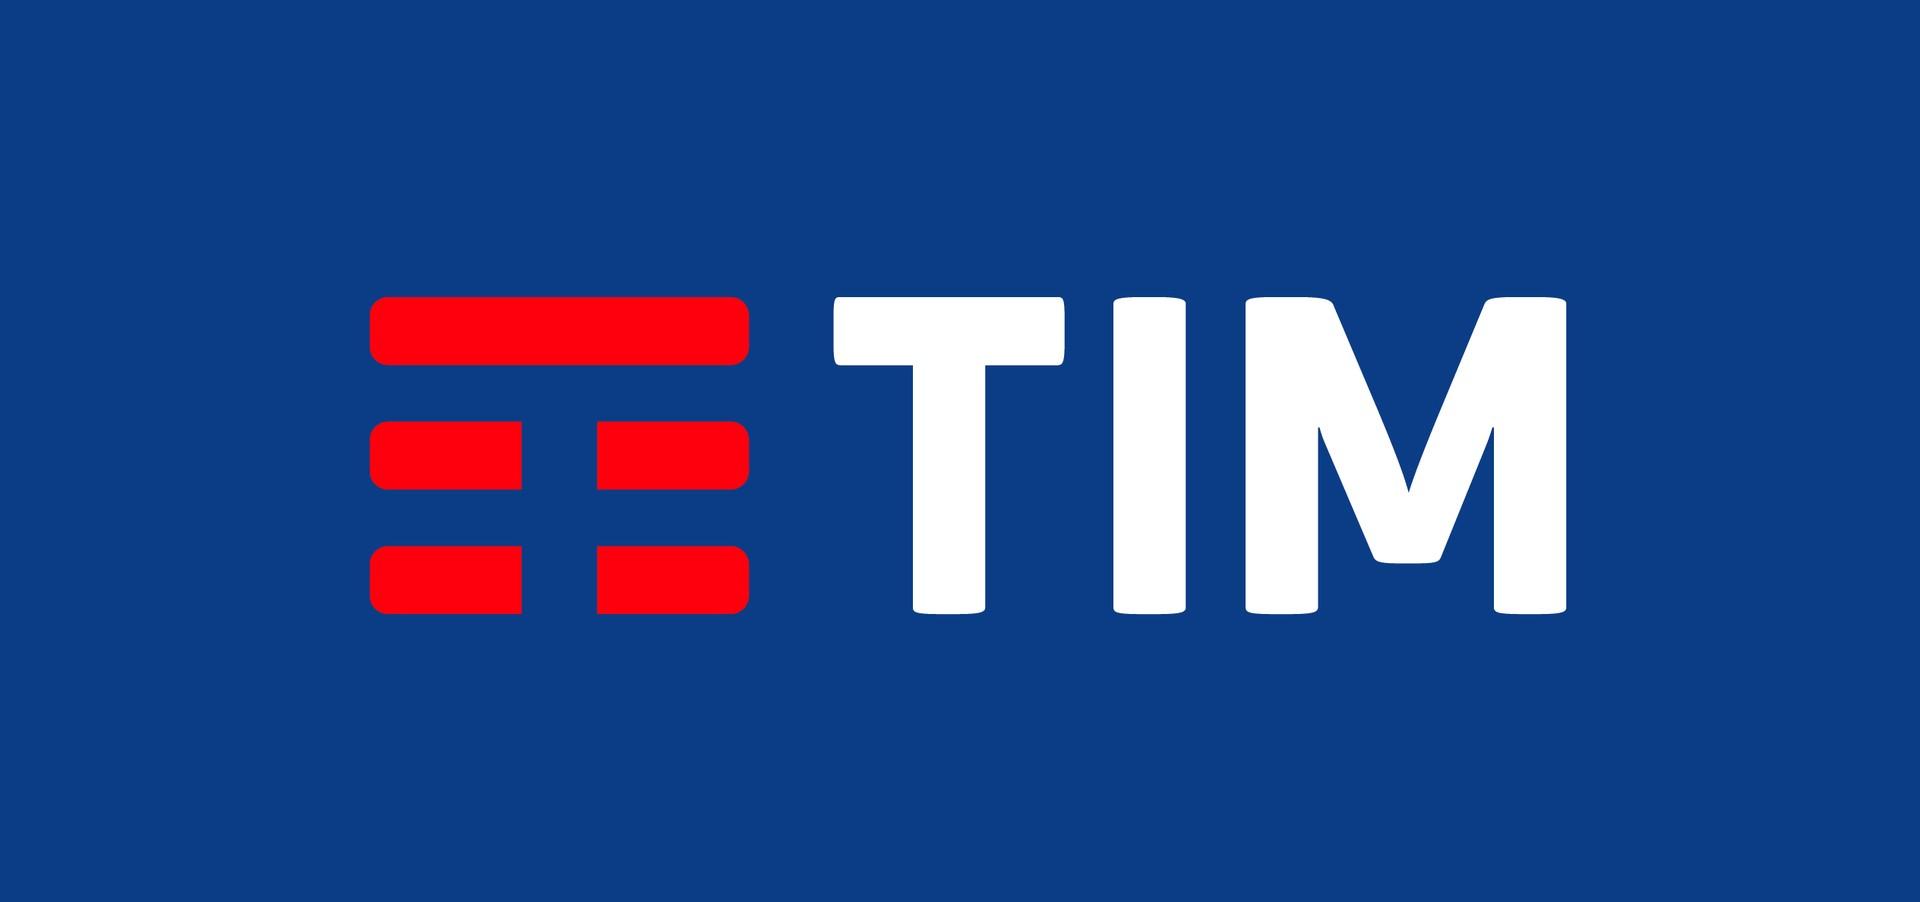 Ancora poche ore per attivare TIM SMART a meno di 20 euro